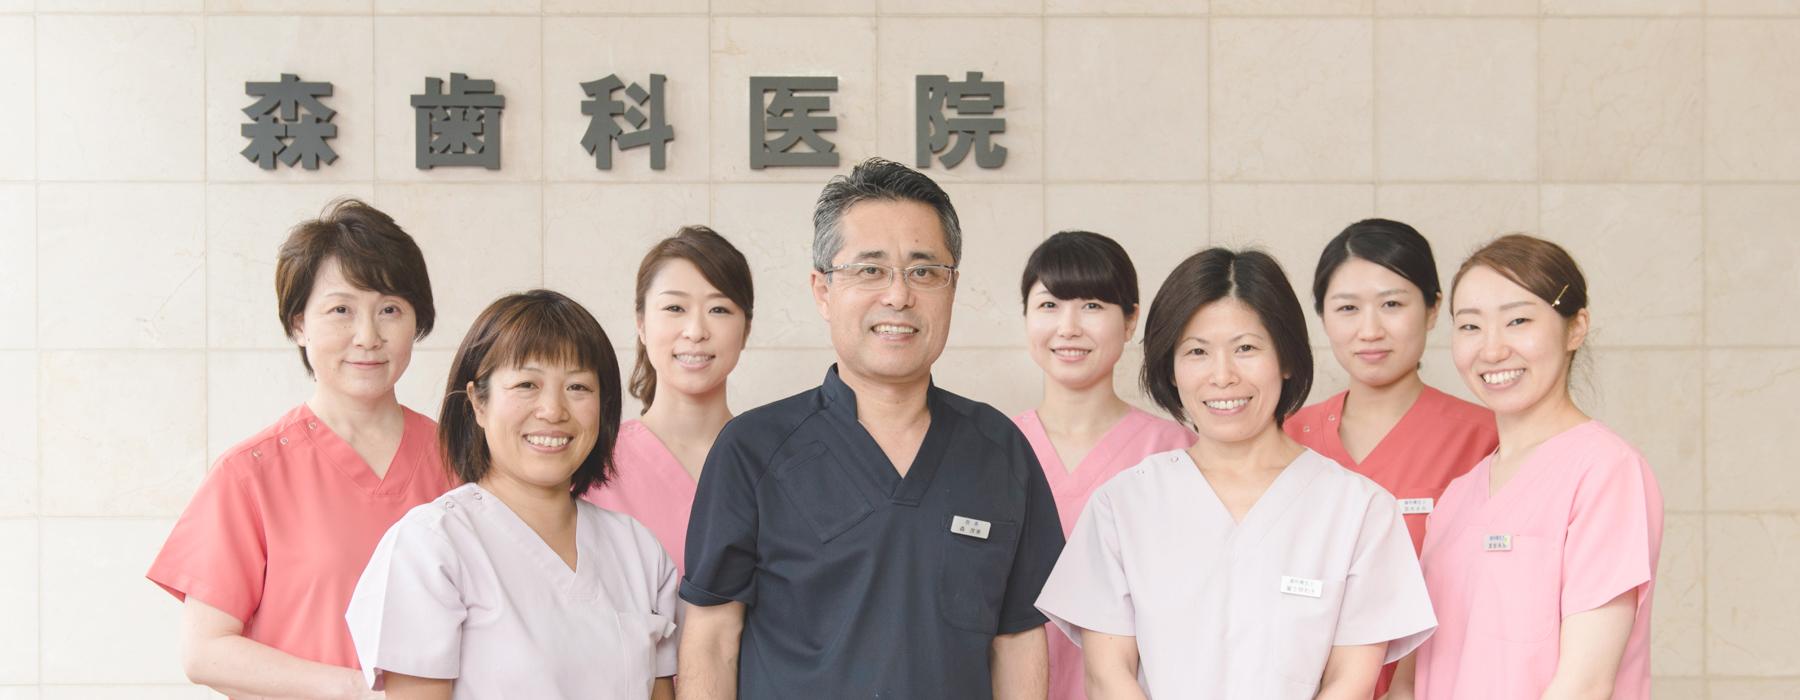 山形市の森歯科医院